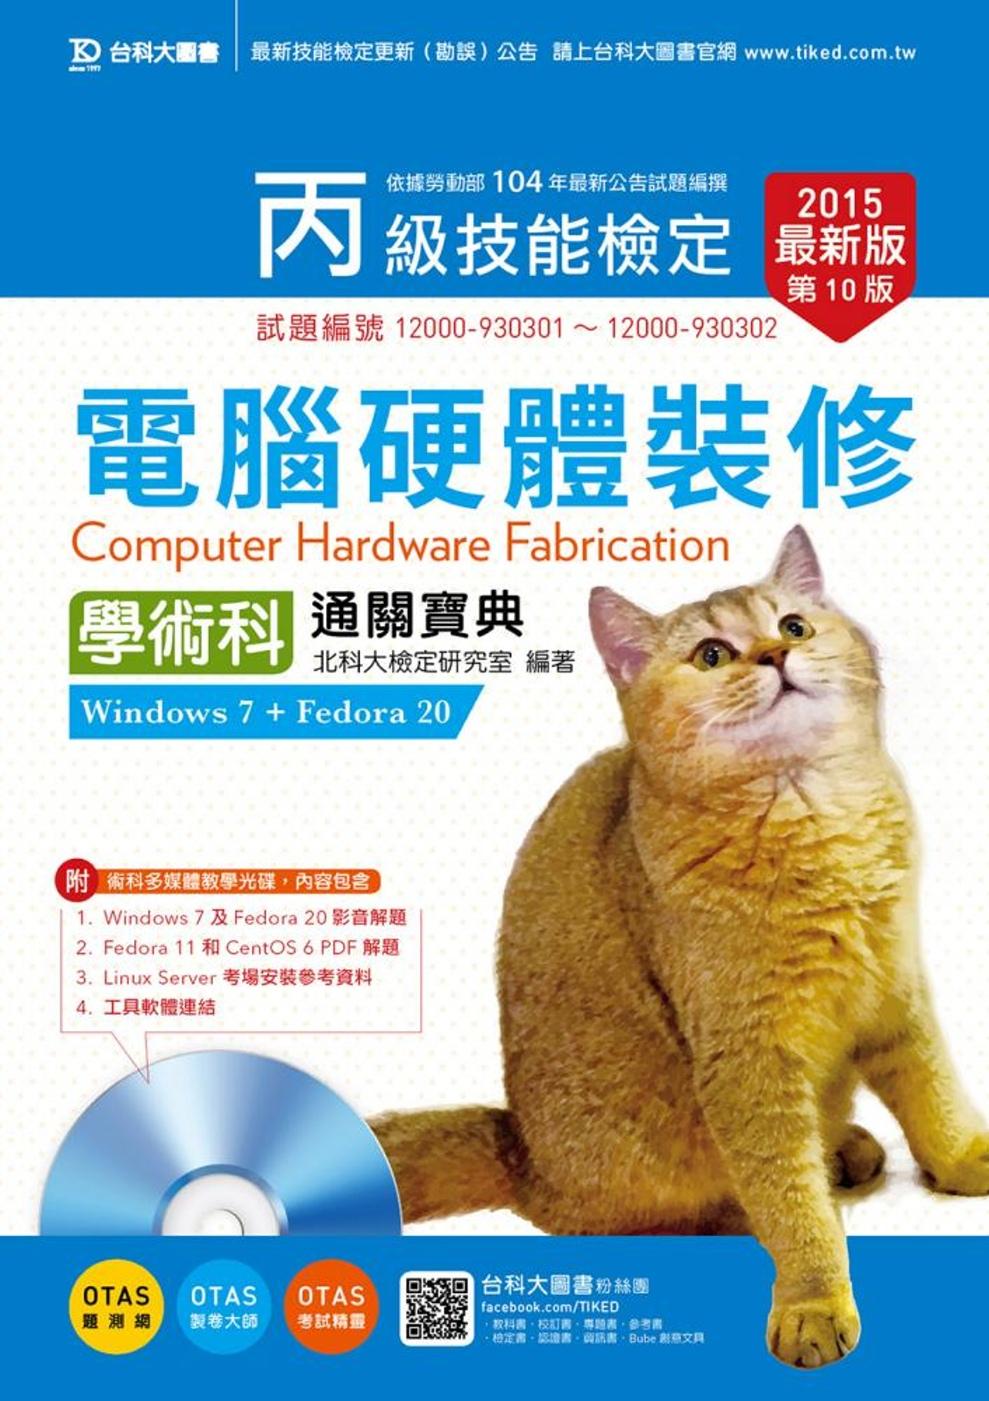 丙級電腦硬體裝修學術科通關寶典附術科多媒體教學光碟(使用Windows 7 + Fedora20) - 2015年修訂版(第十版) - 附贈OTAS題測系統